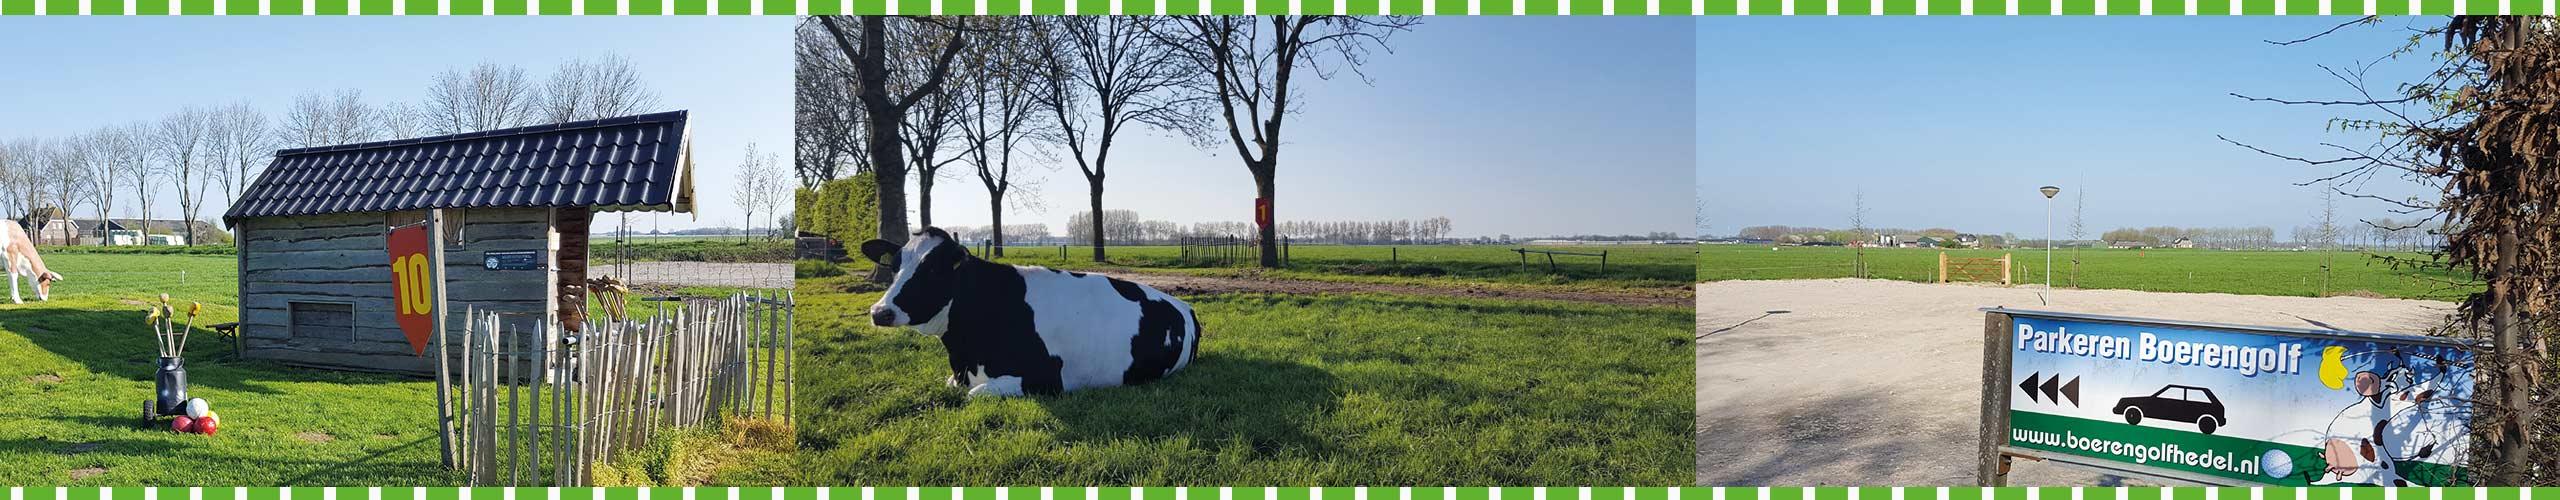 Slider 1 - Boerengolf Hedel - Activiteiten bij de boer